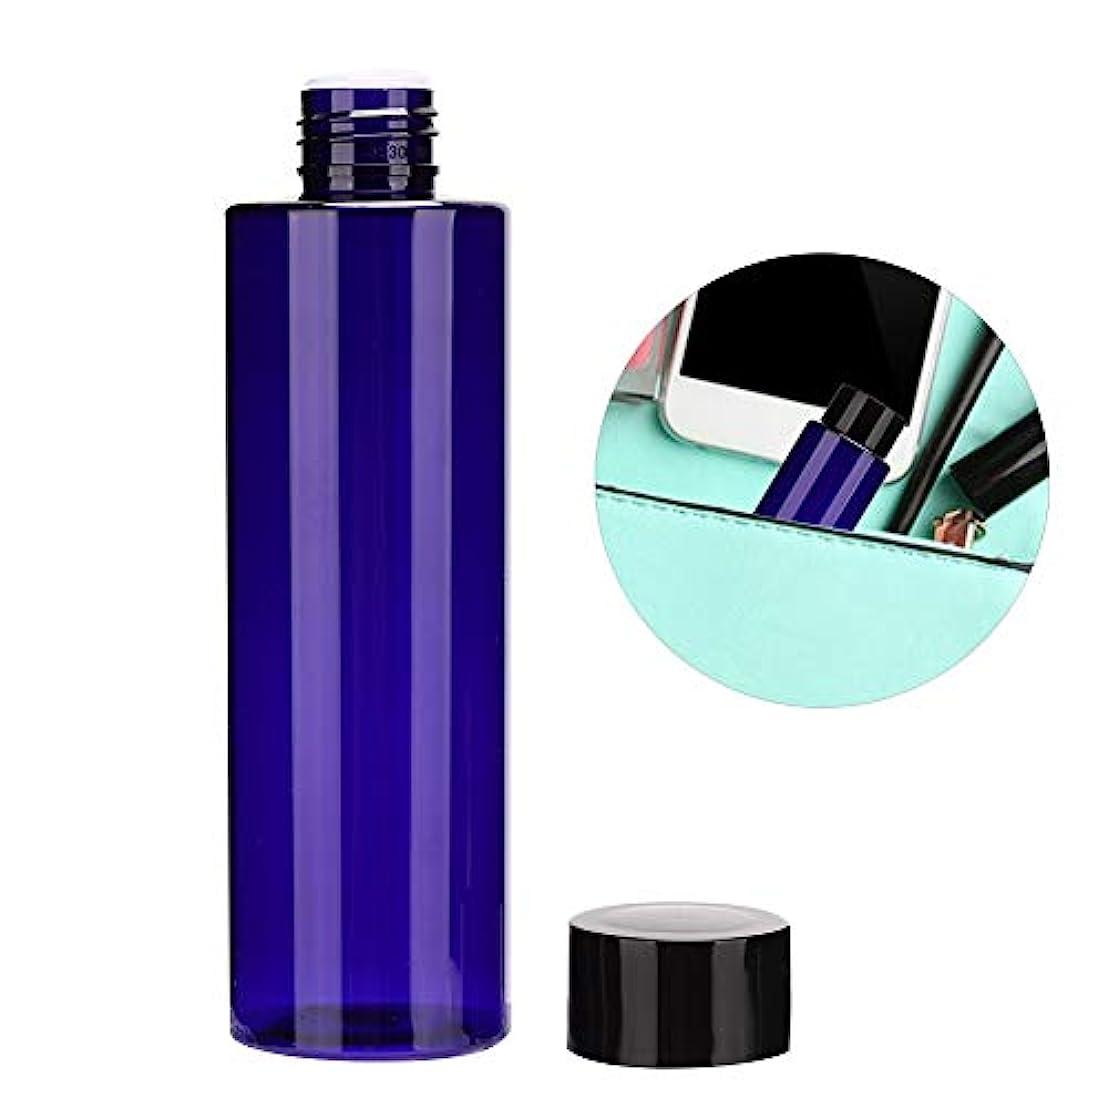 協力する鉛筆丘200ML PET 詰め替え 可能な空 液体ボトルローション スキンケア 製品 空の化粧品 トナーコンテナボトル